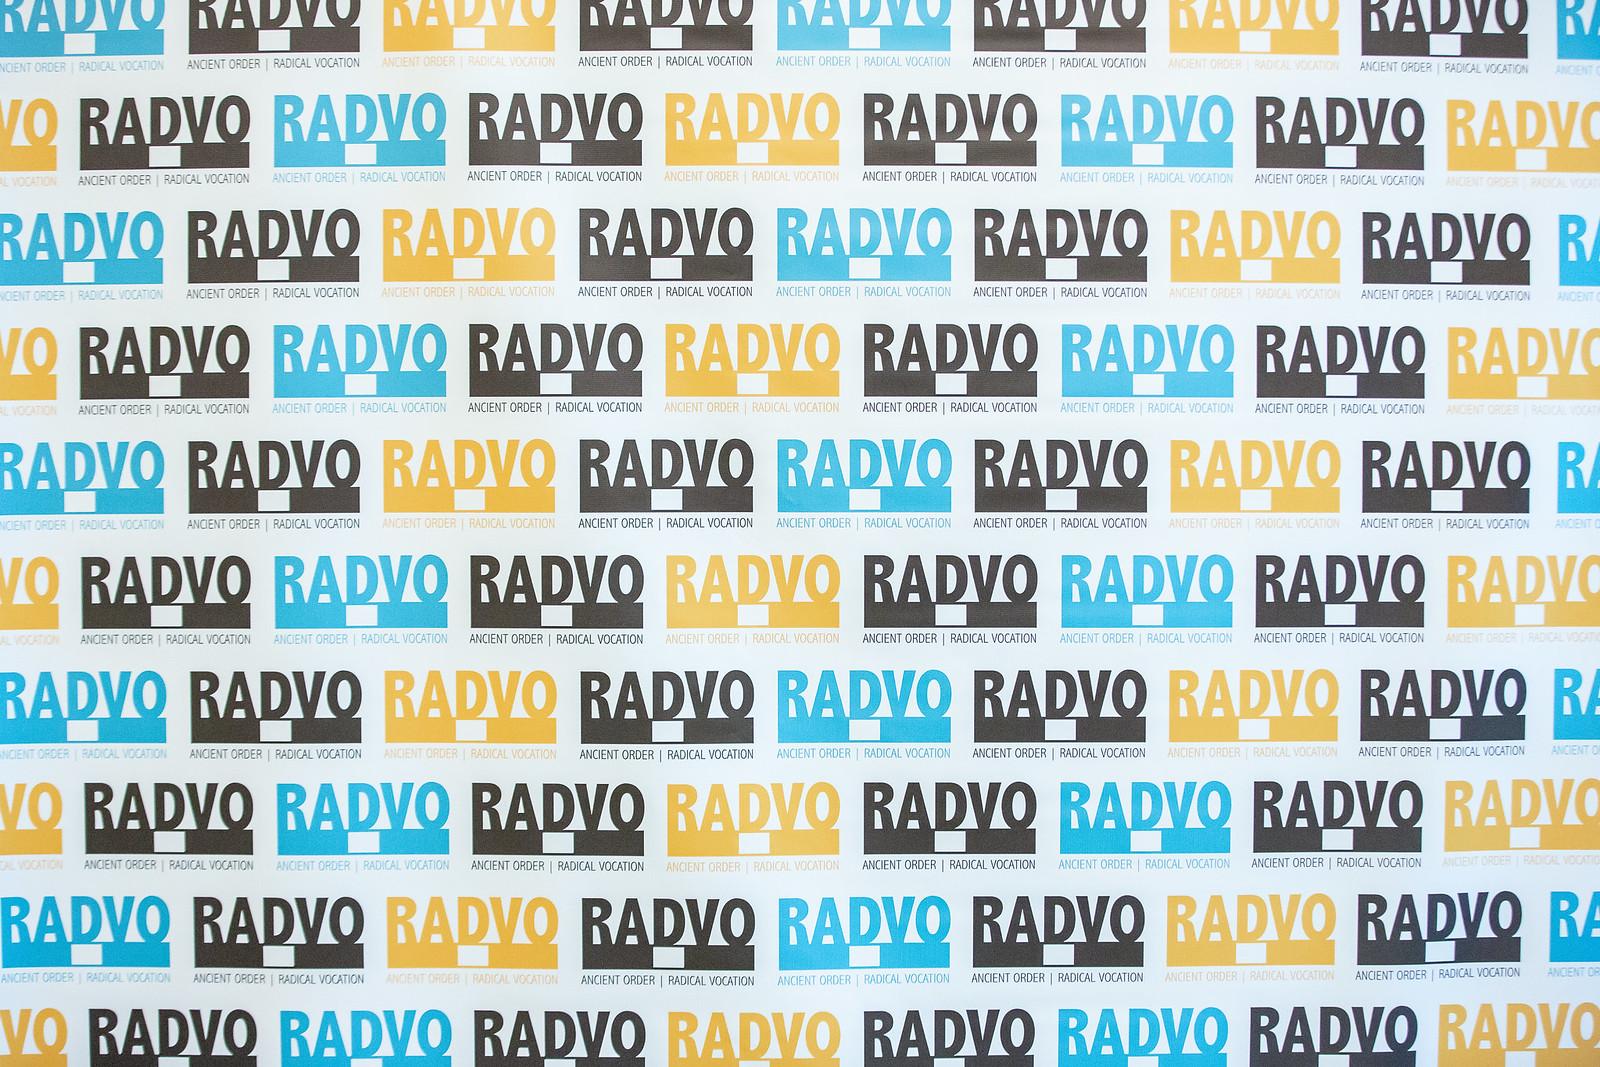 RADVO-310